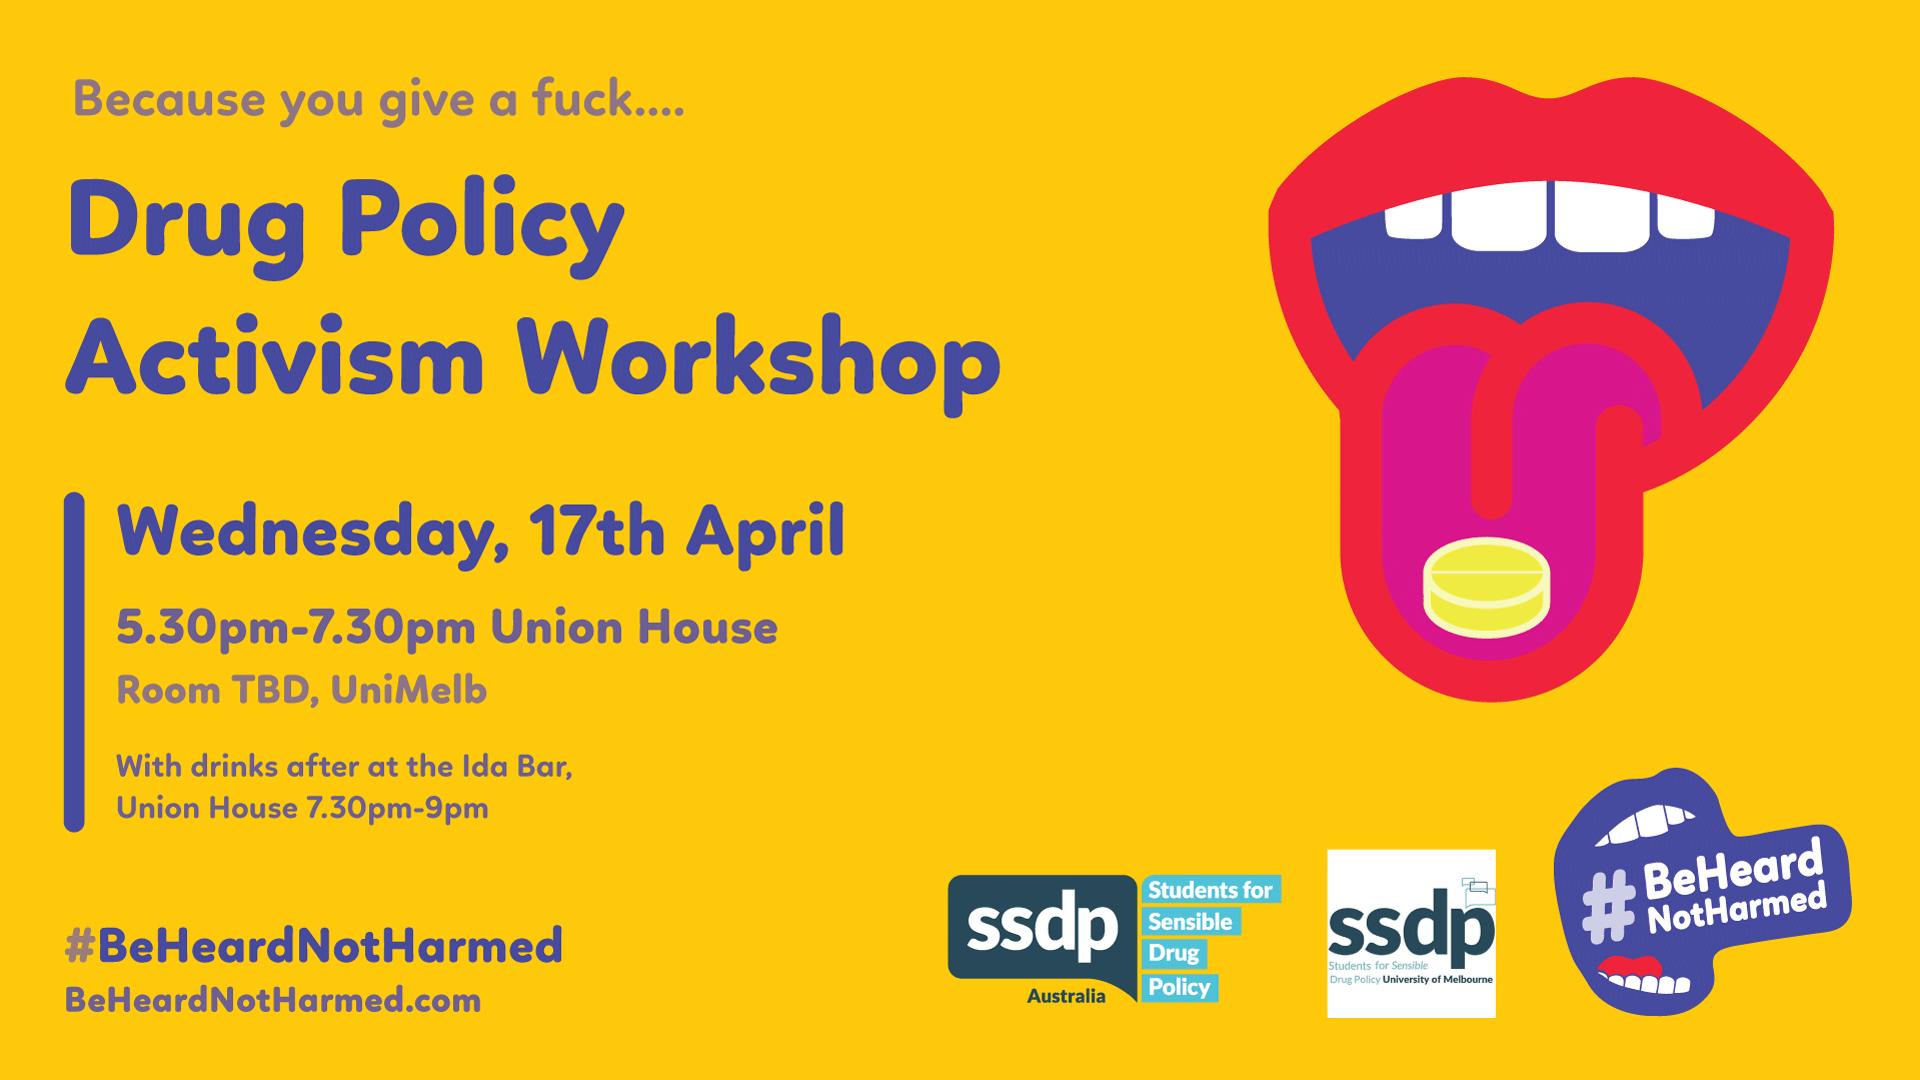 BHNH-FB-Drug-Policy-Activism-Workshop-v2.png